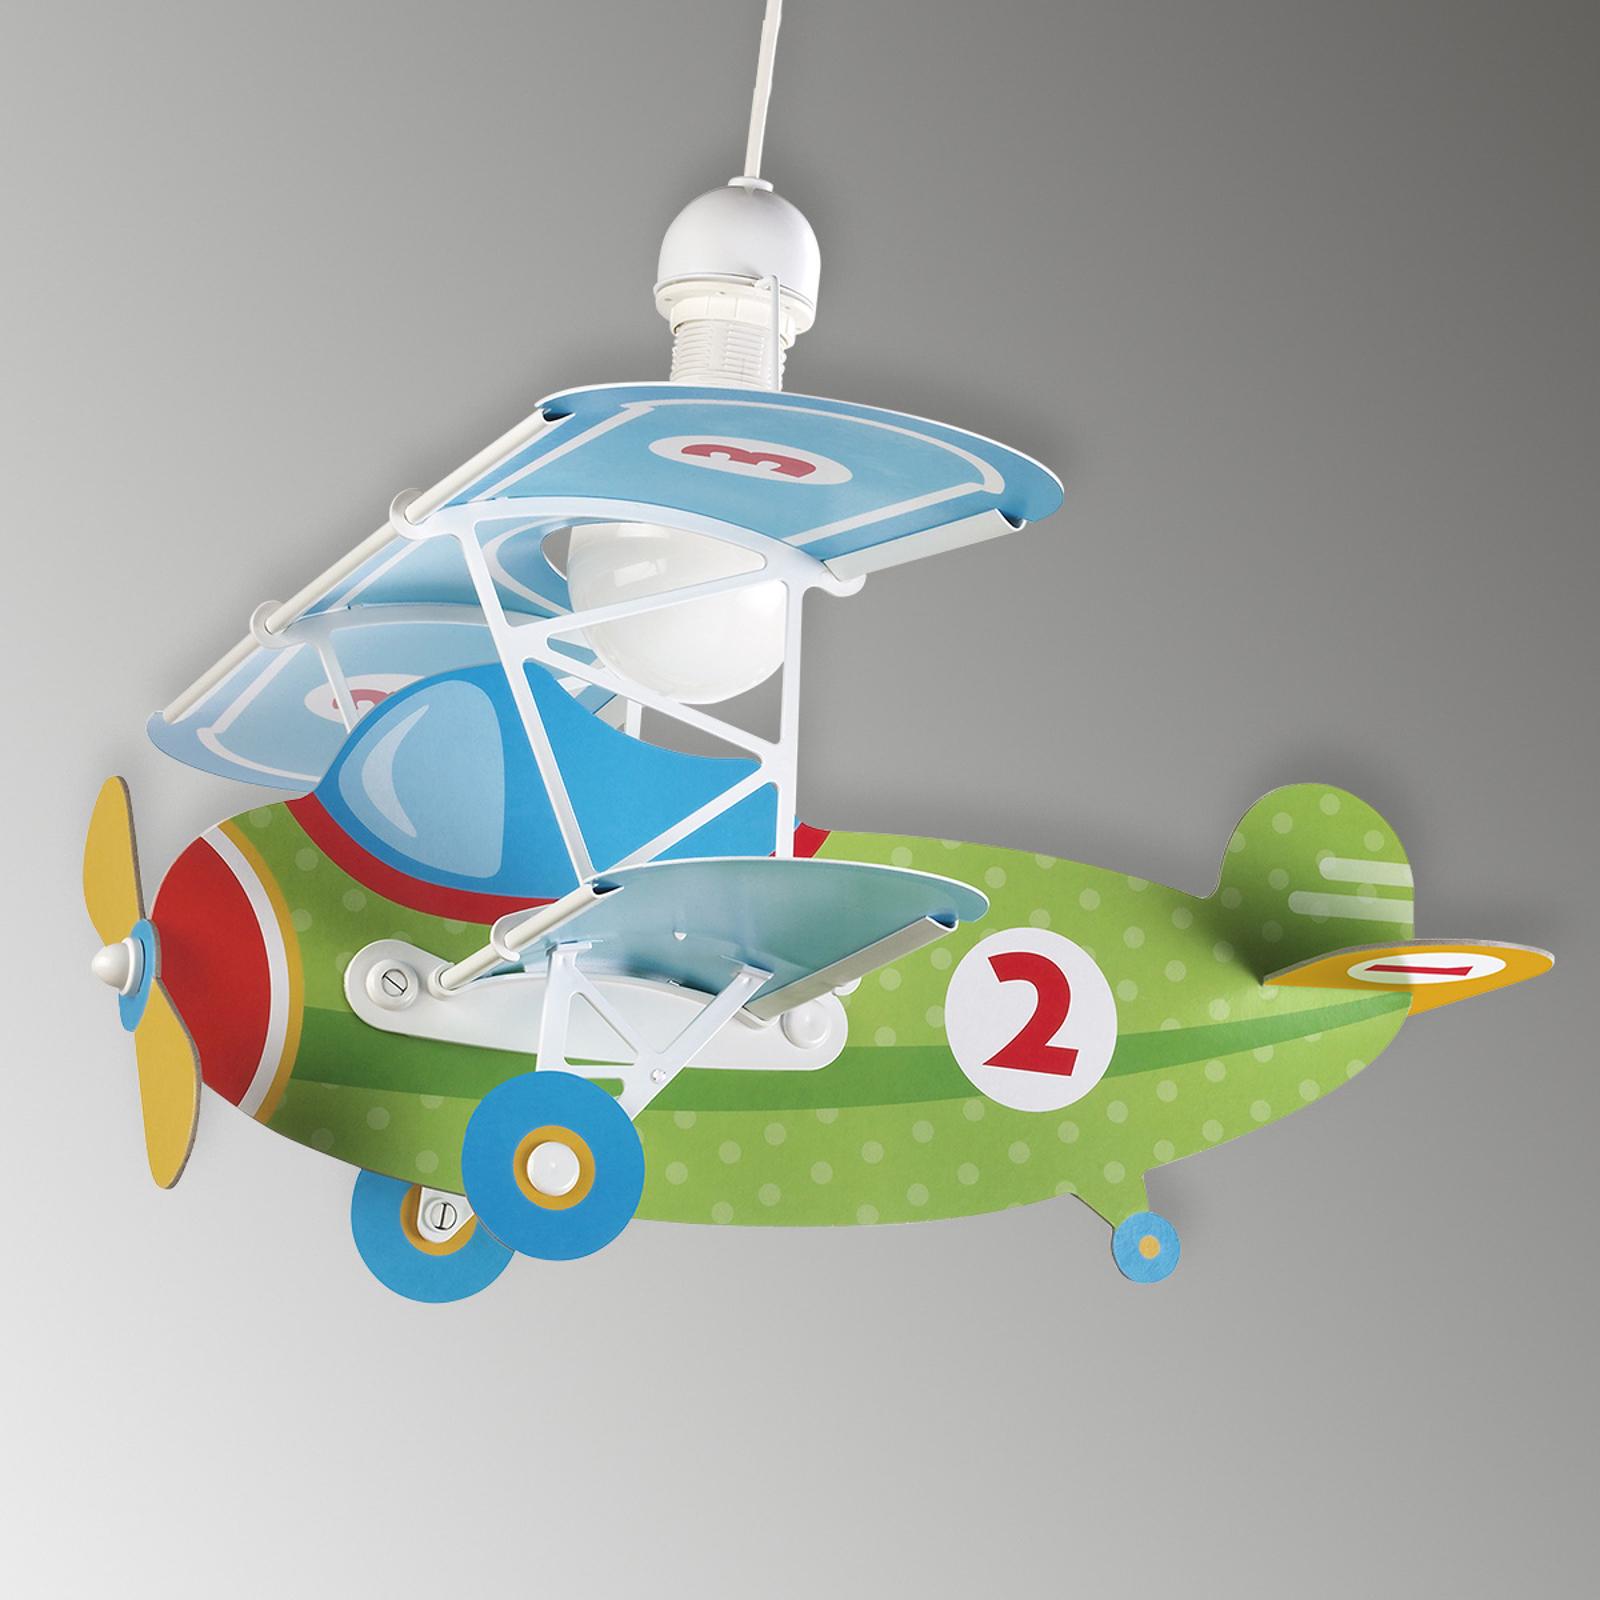 Lampa wisząca Baby Plane w kształcie samolotu